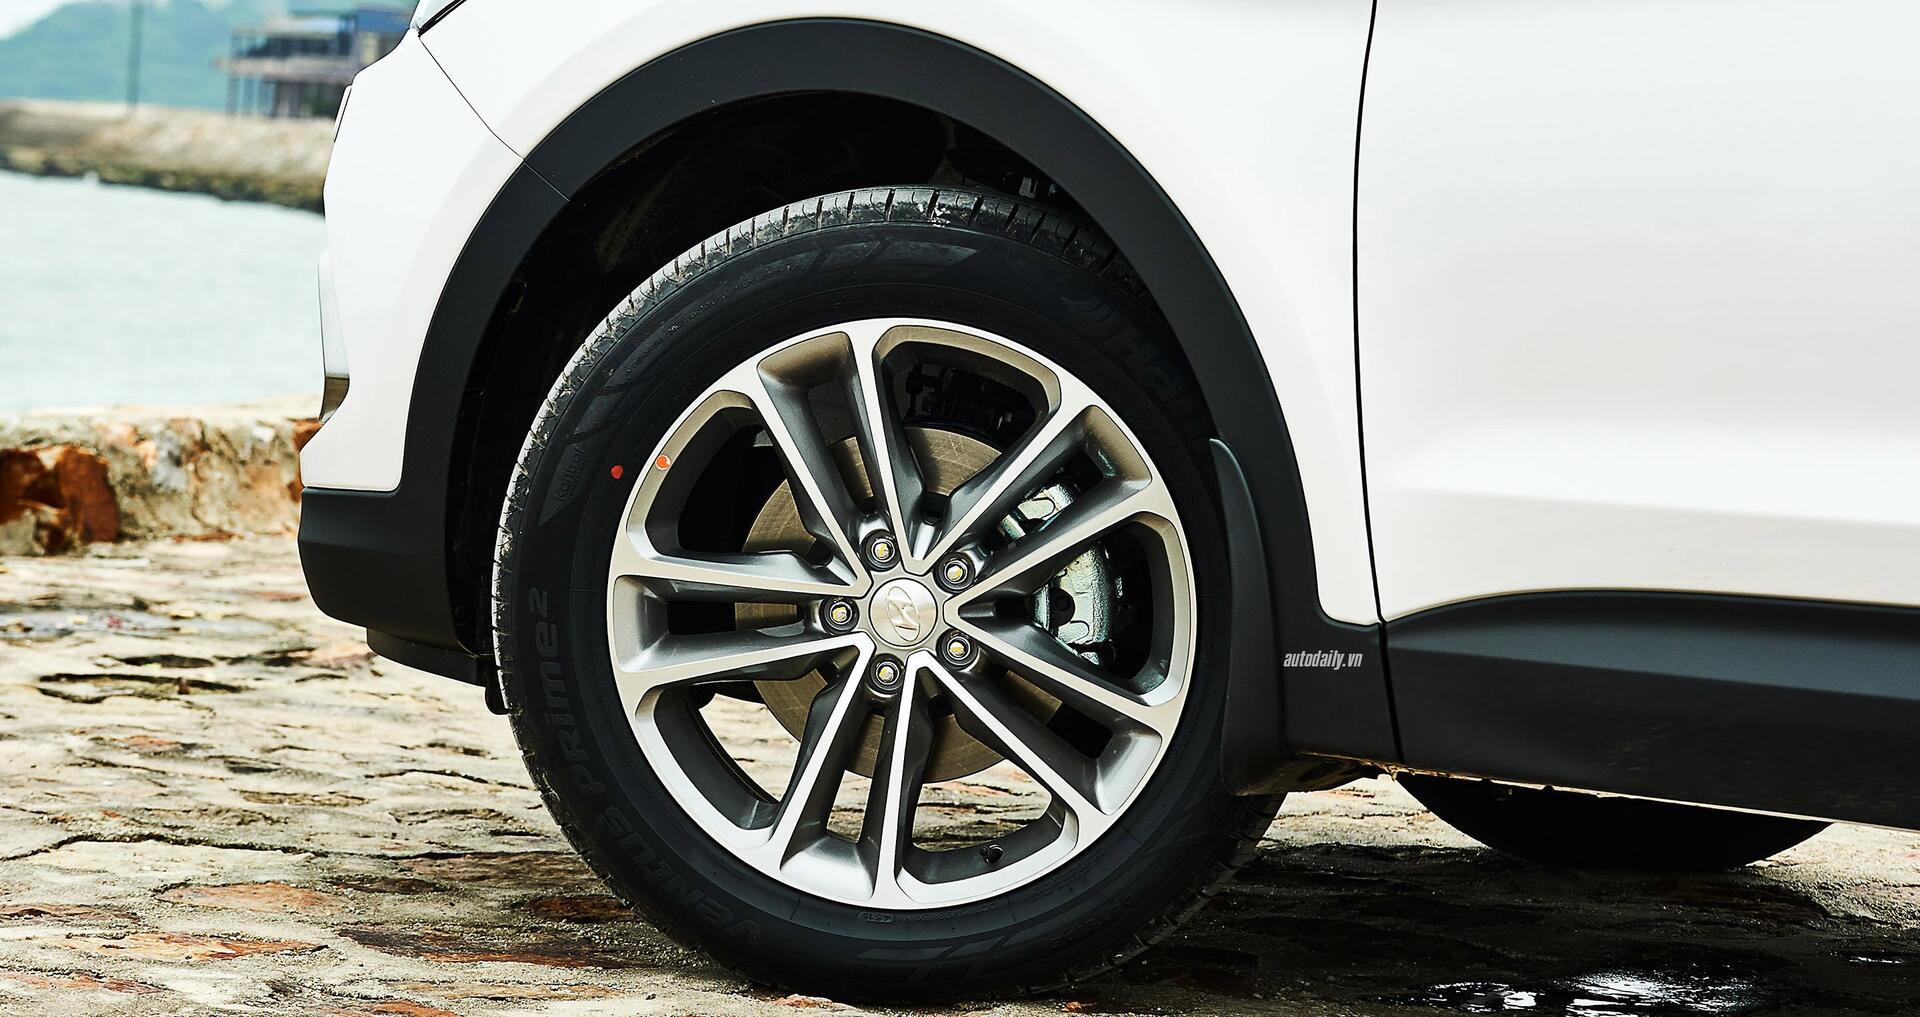 Đánh giá ban đầu về Hyundai SantaFe 2016 phiên bản máy dầu - Hình 4